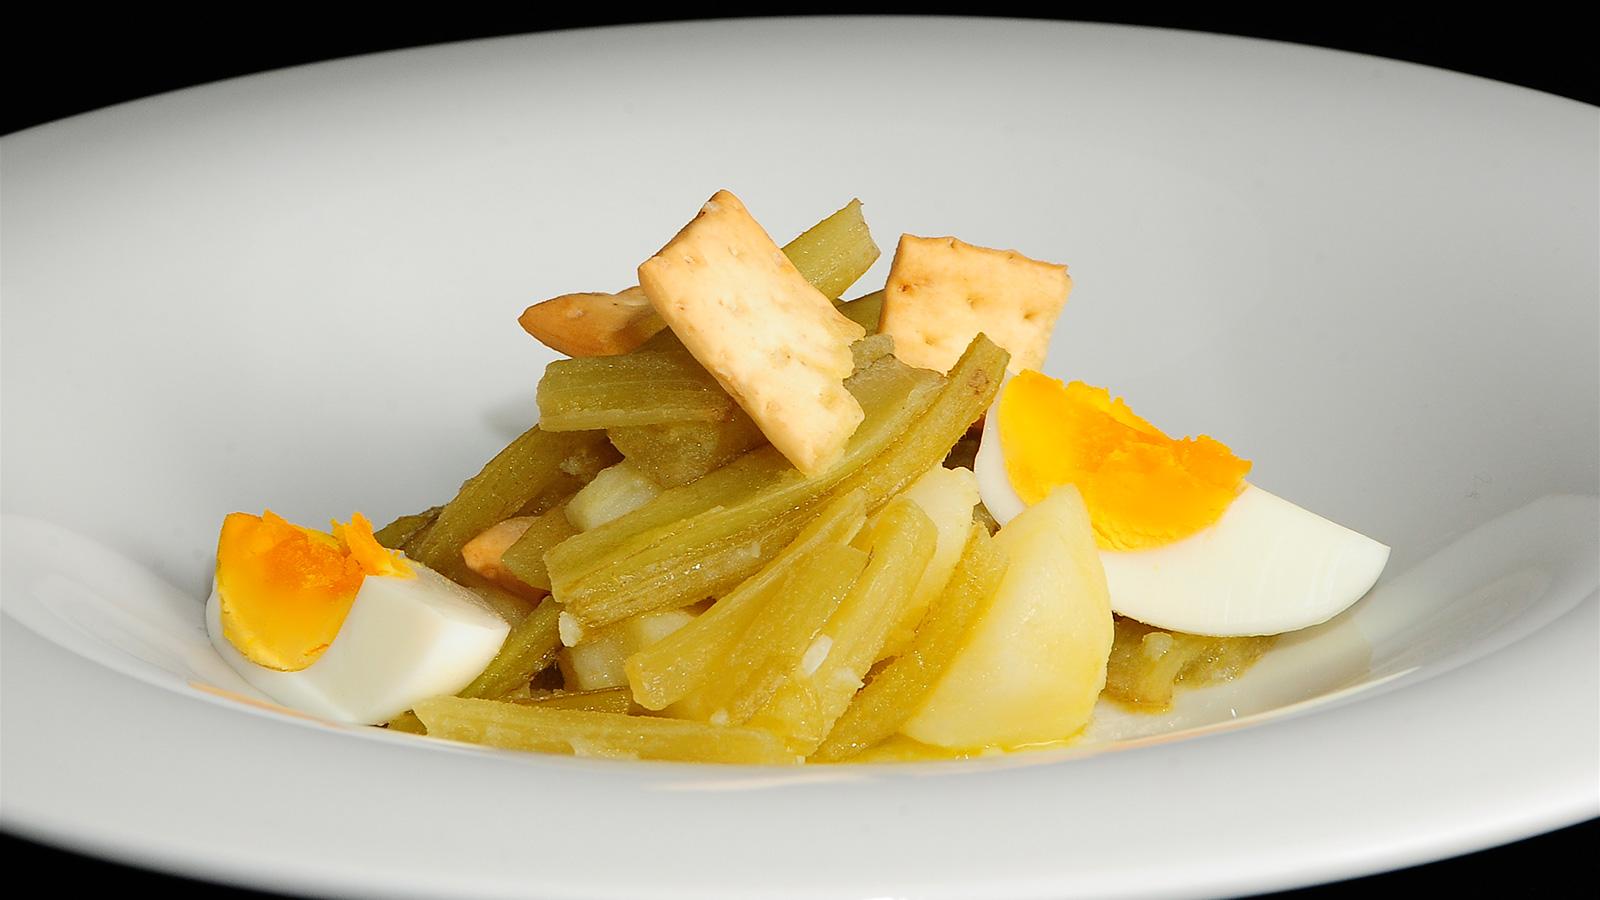 Borraja Con Patatas Y Huevo Duro Cocinamos Contigo Ep 344